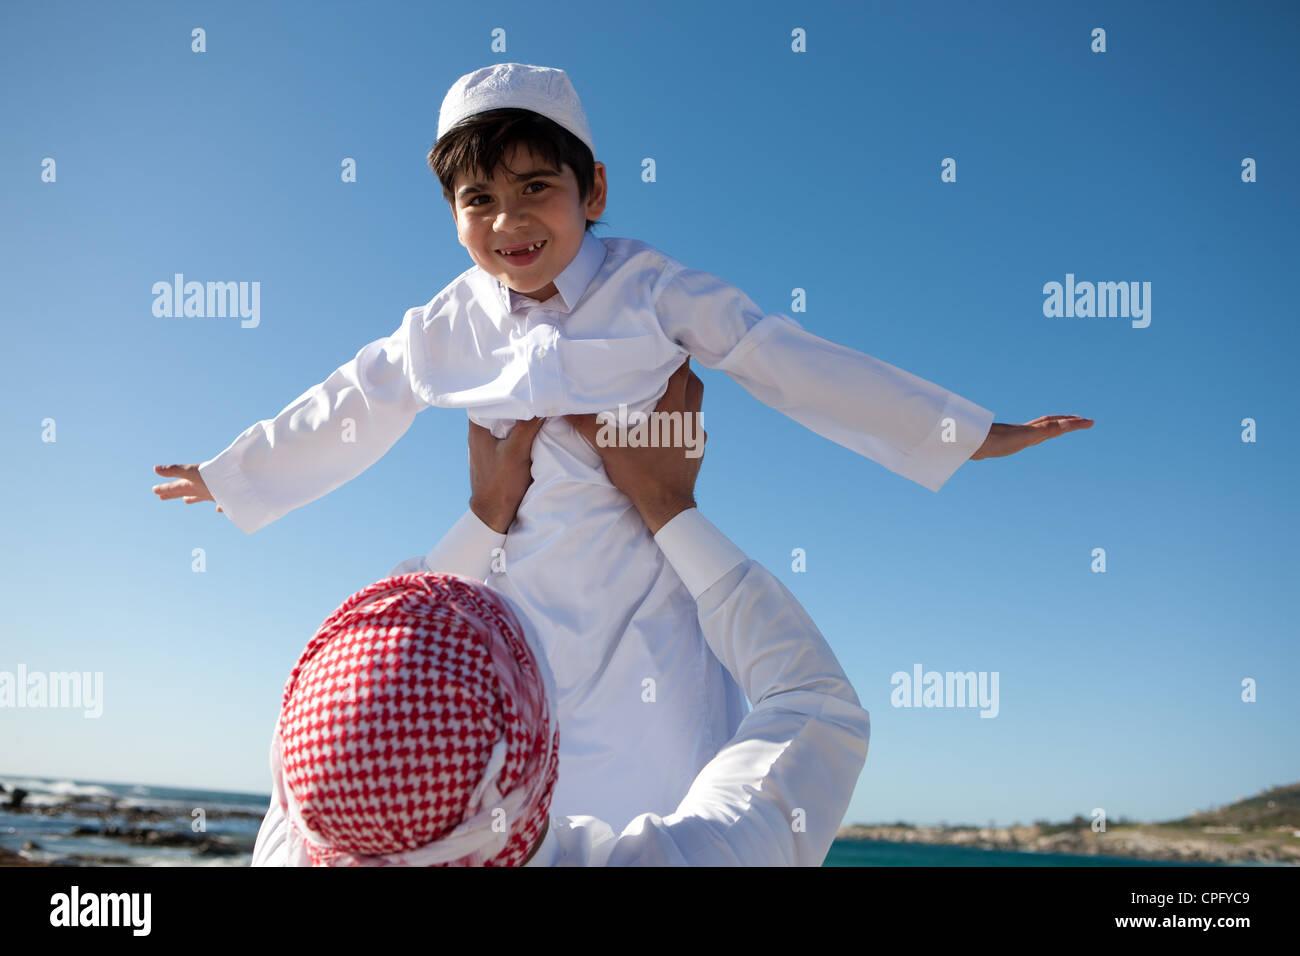 Retrato de padre árabe levantando a su hijo en la playa, boy brazos levantados. Imagen De Stock